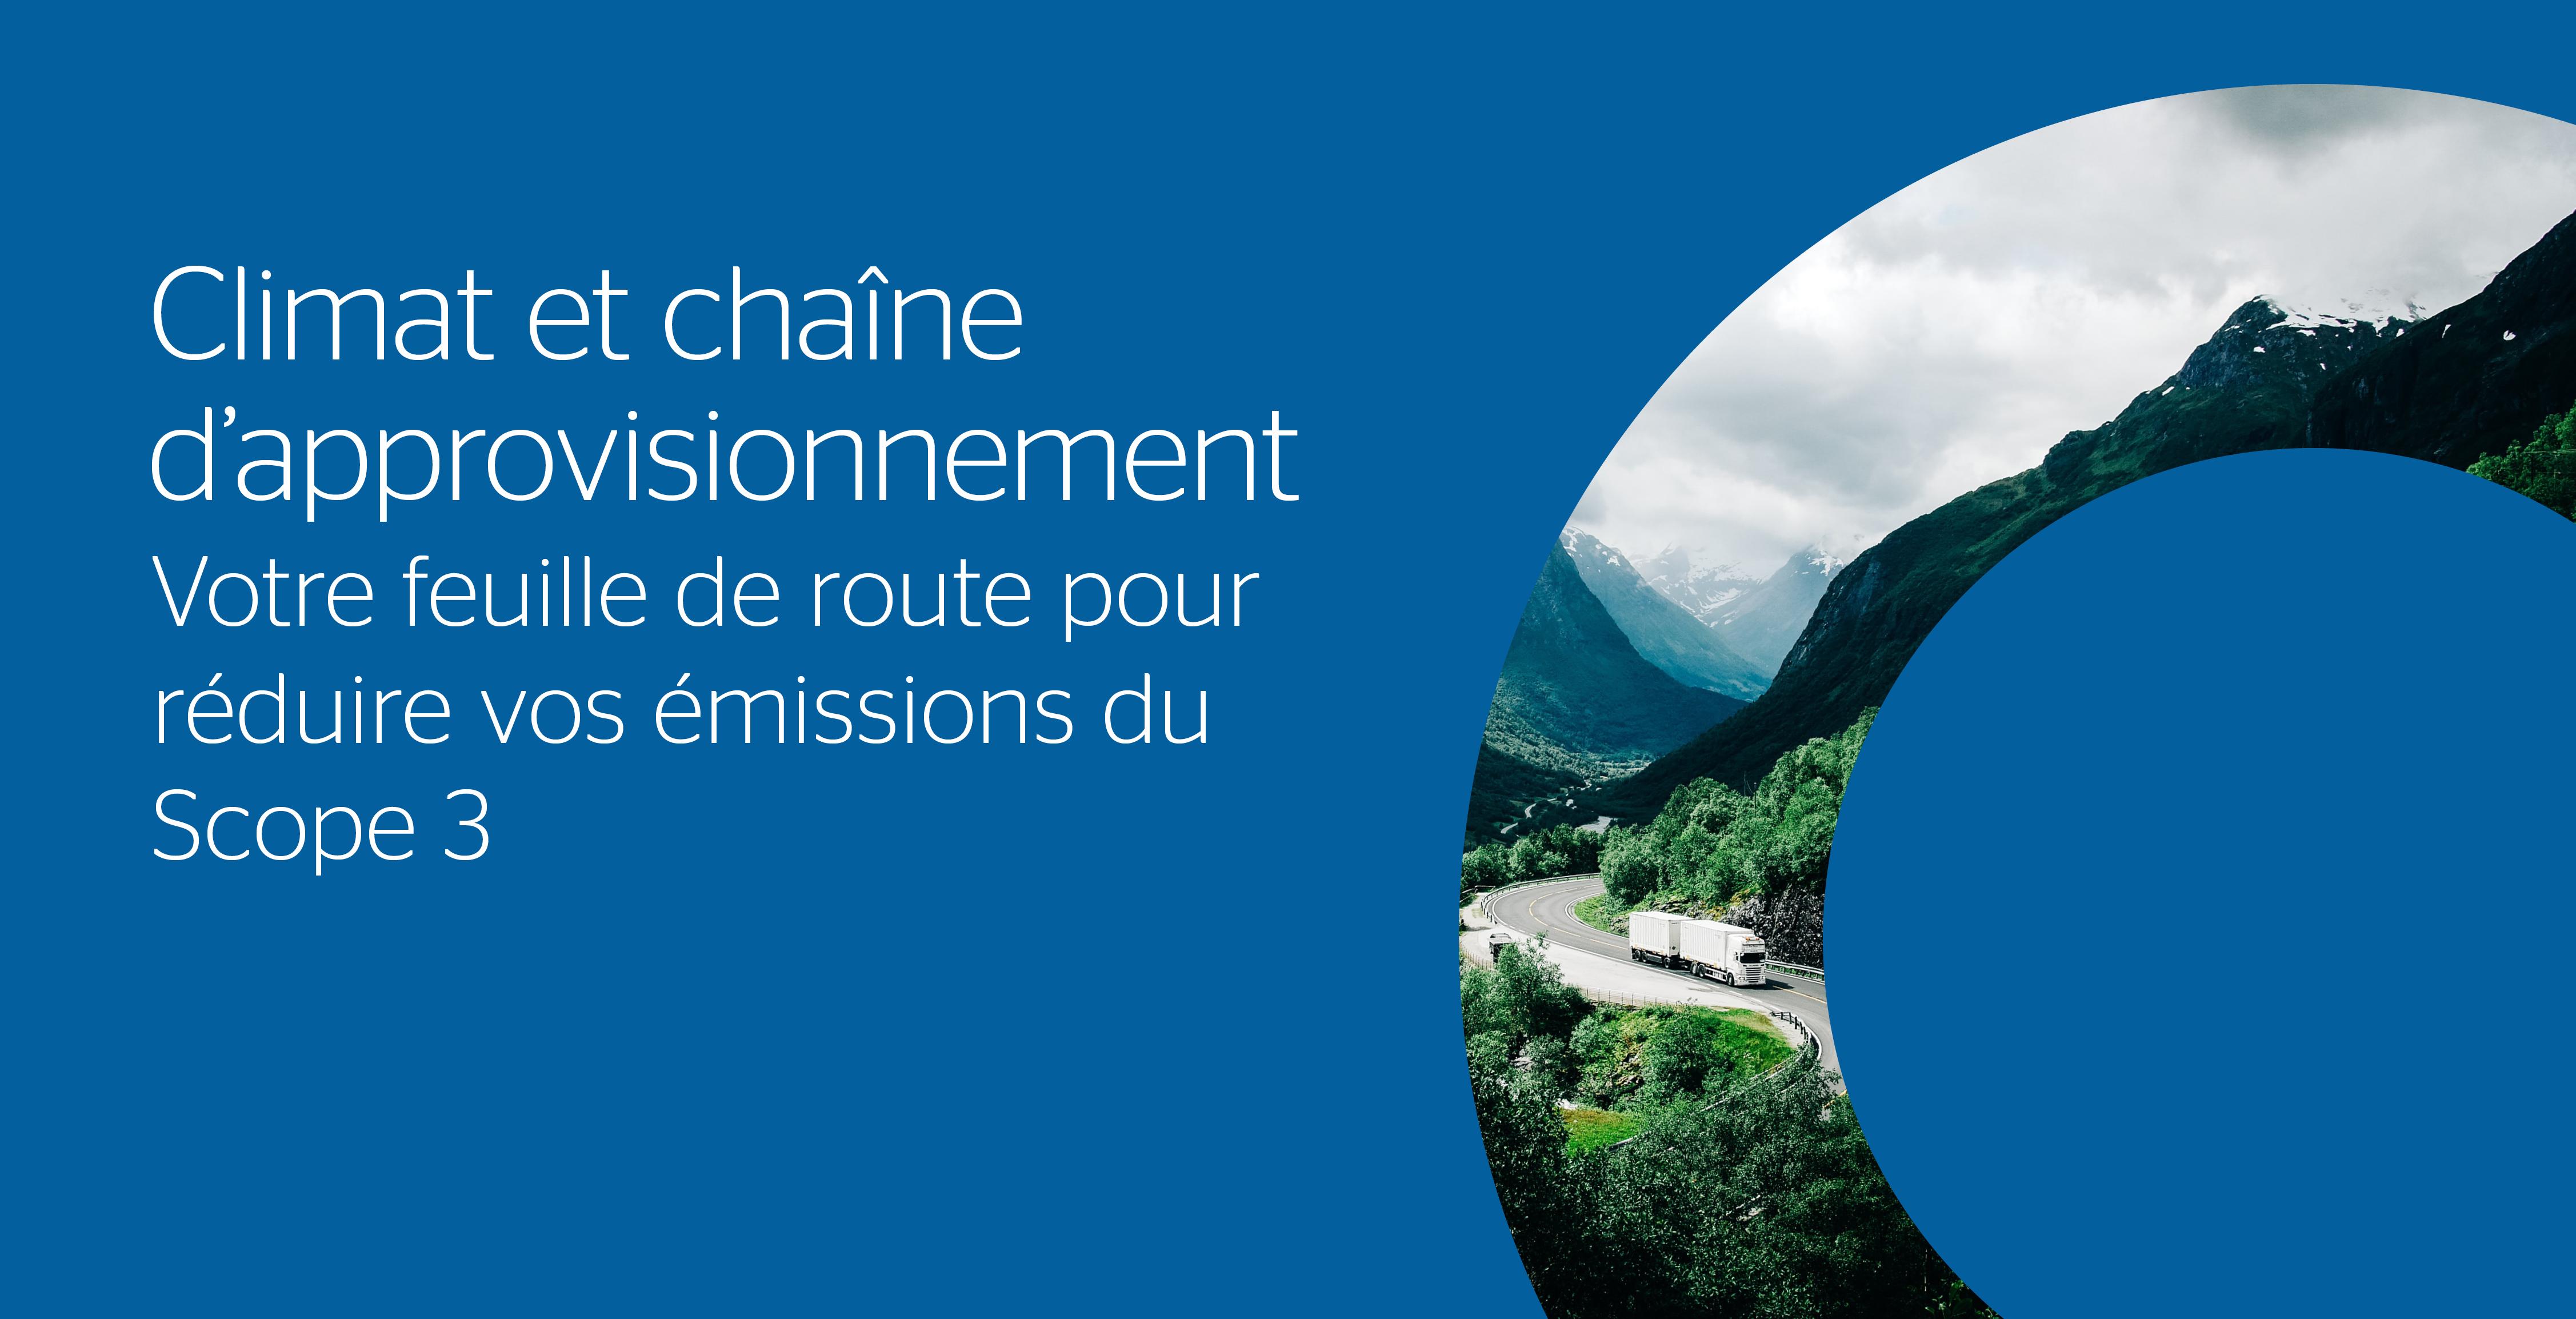 Climat et chaîne d'approvisionnement : votre feuille de route pour réduire vos émissions du Scope 3